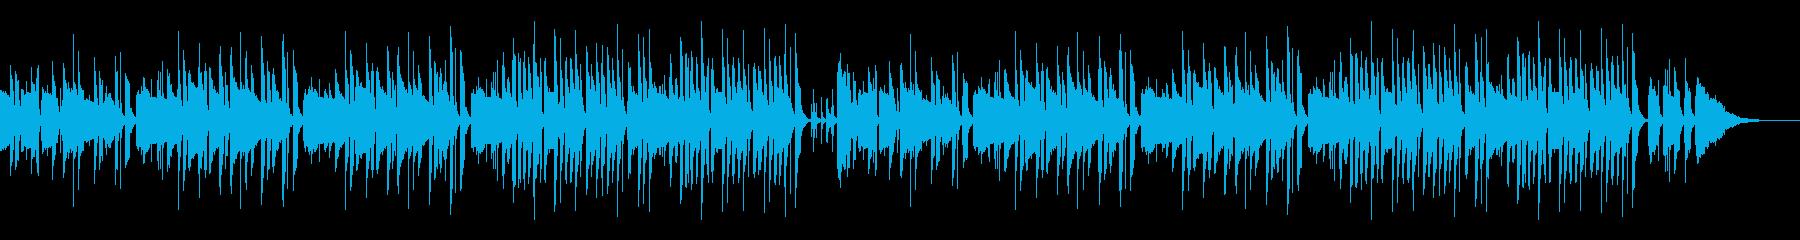 日常、トーク、ほのぼの、かわいいの再生済みの波形